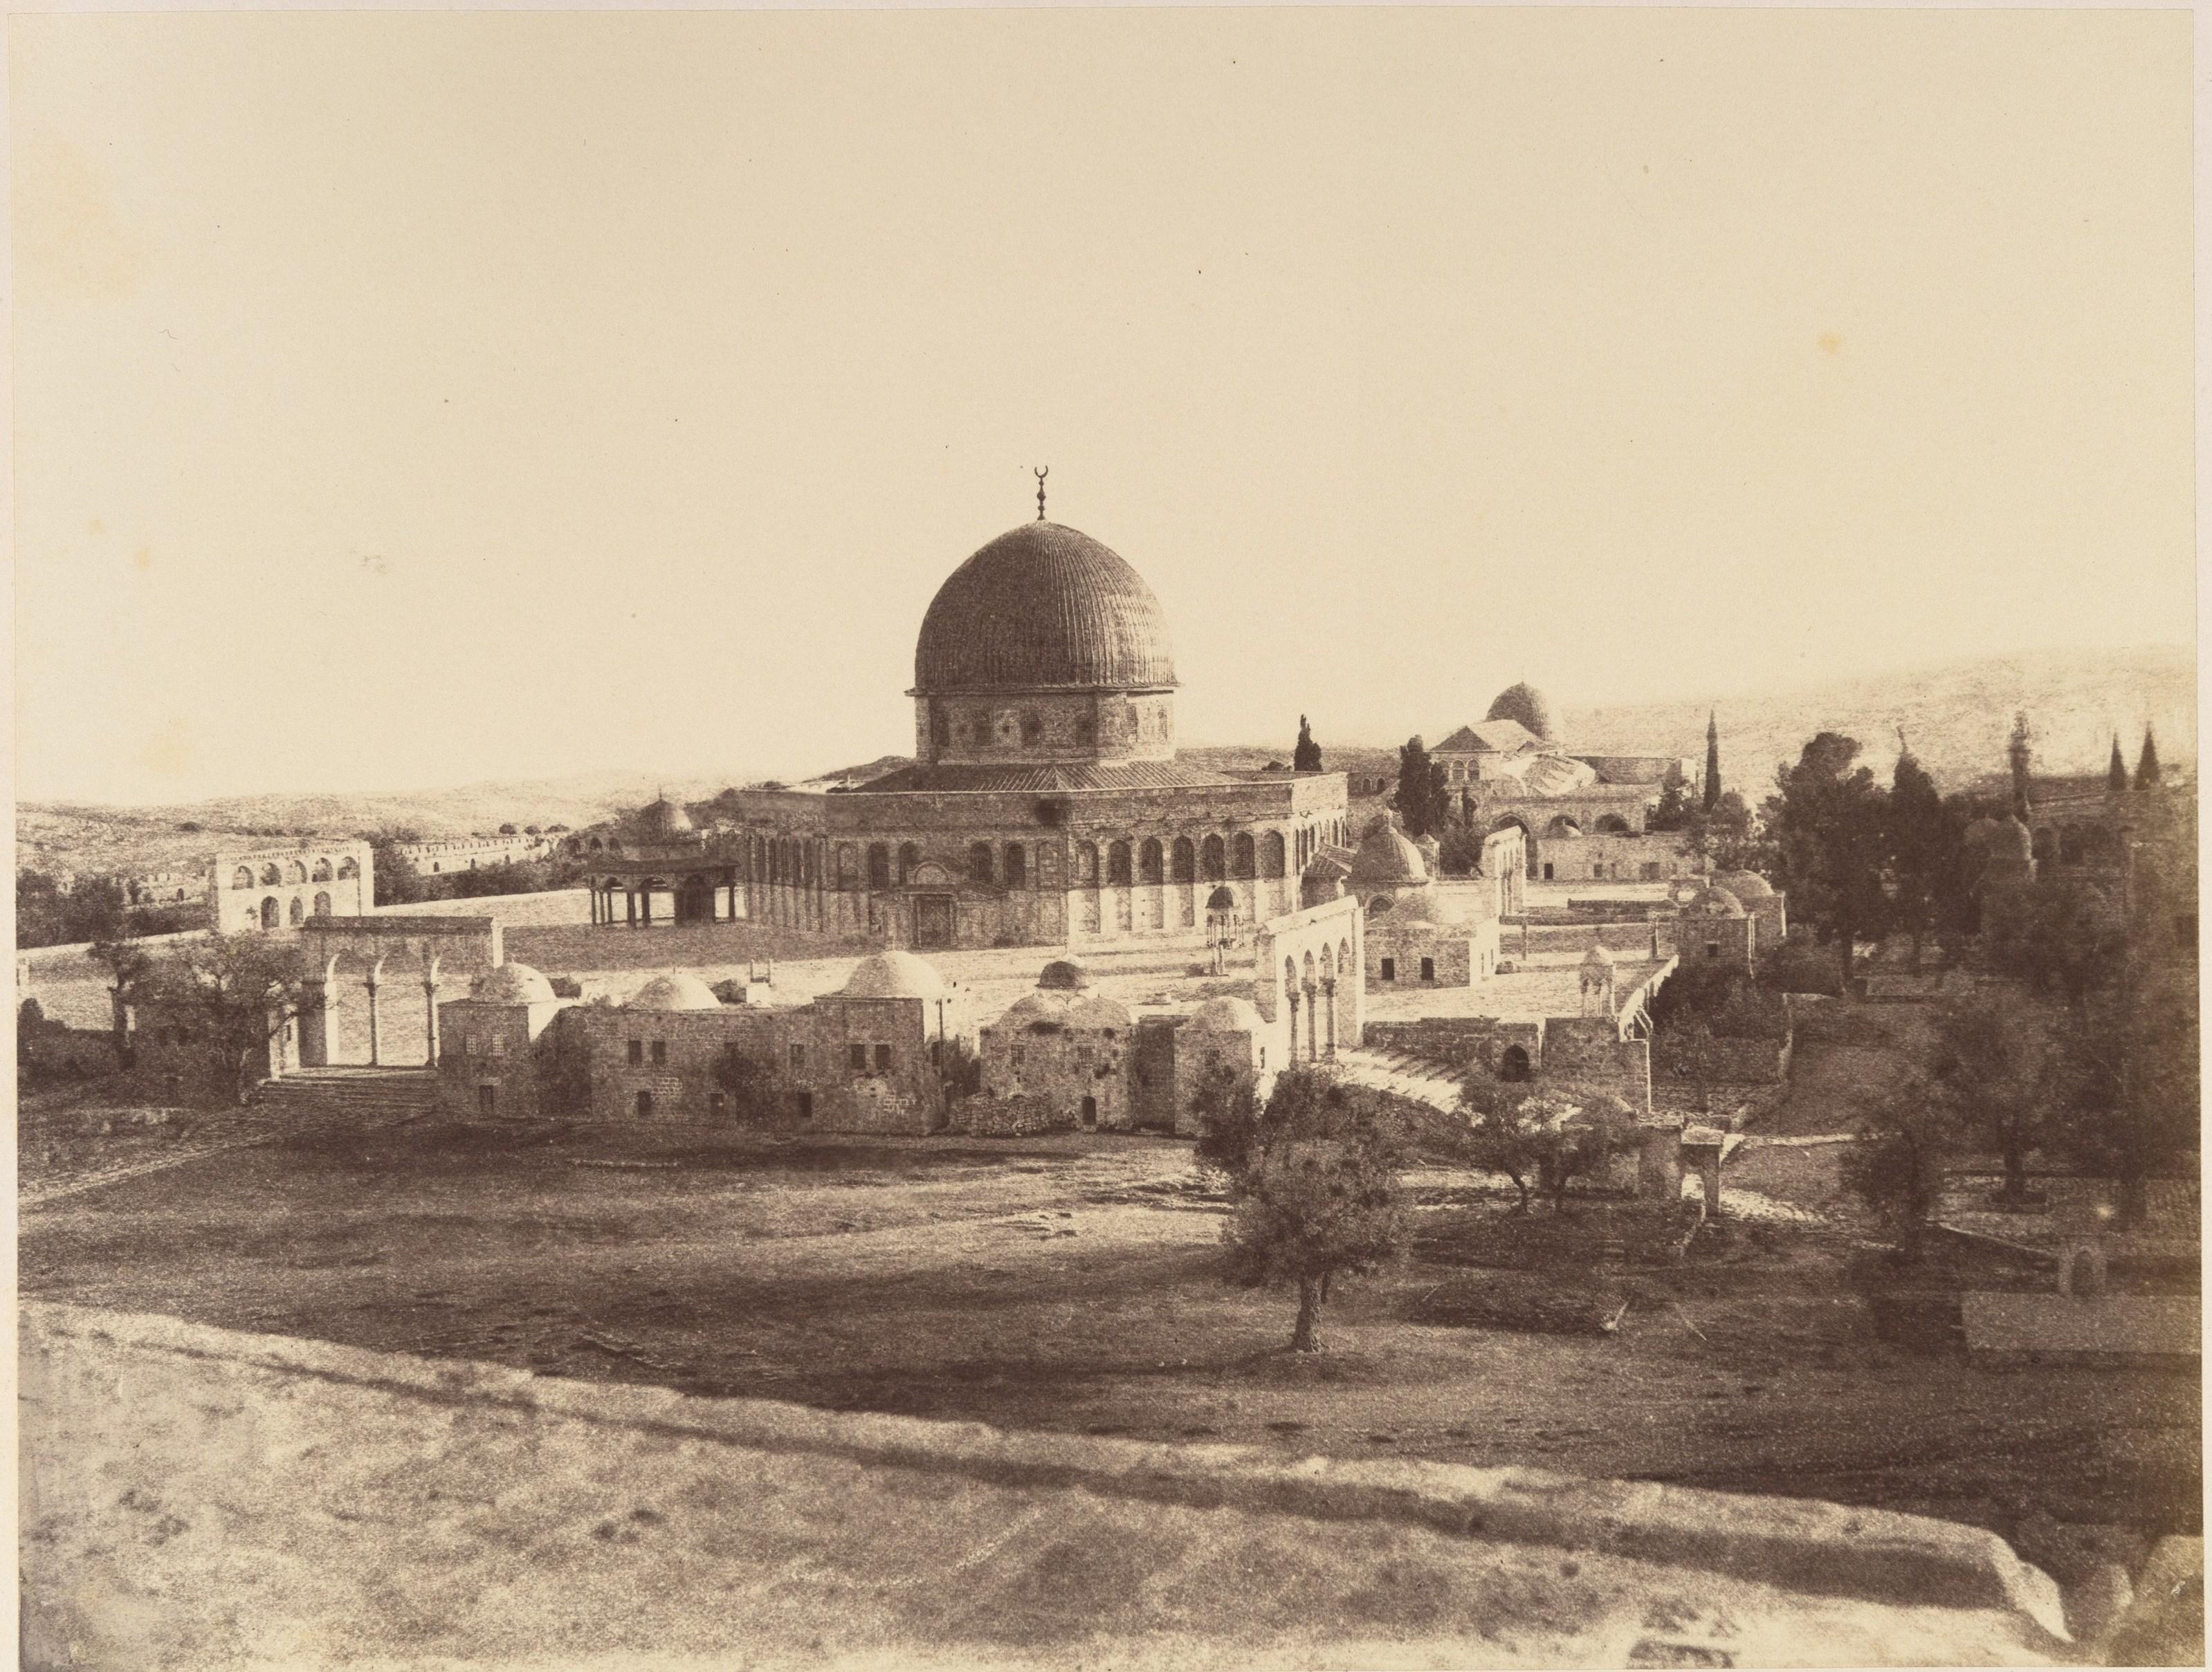 Мечеть Омара, построенная на месте известного Храма Соломона